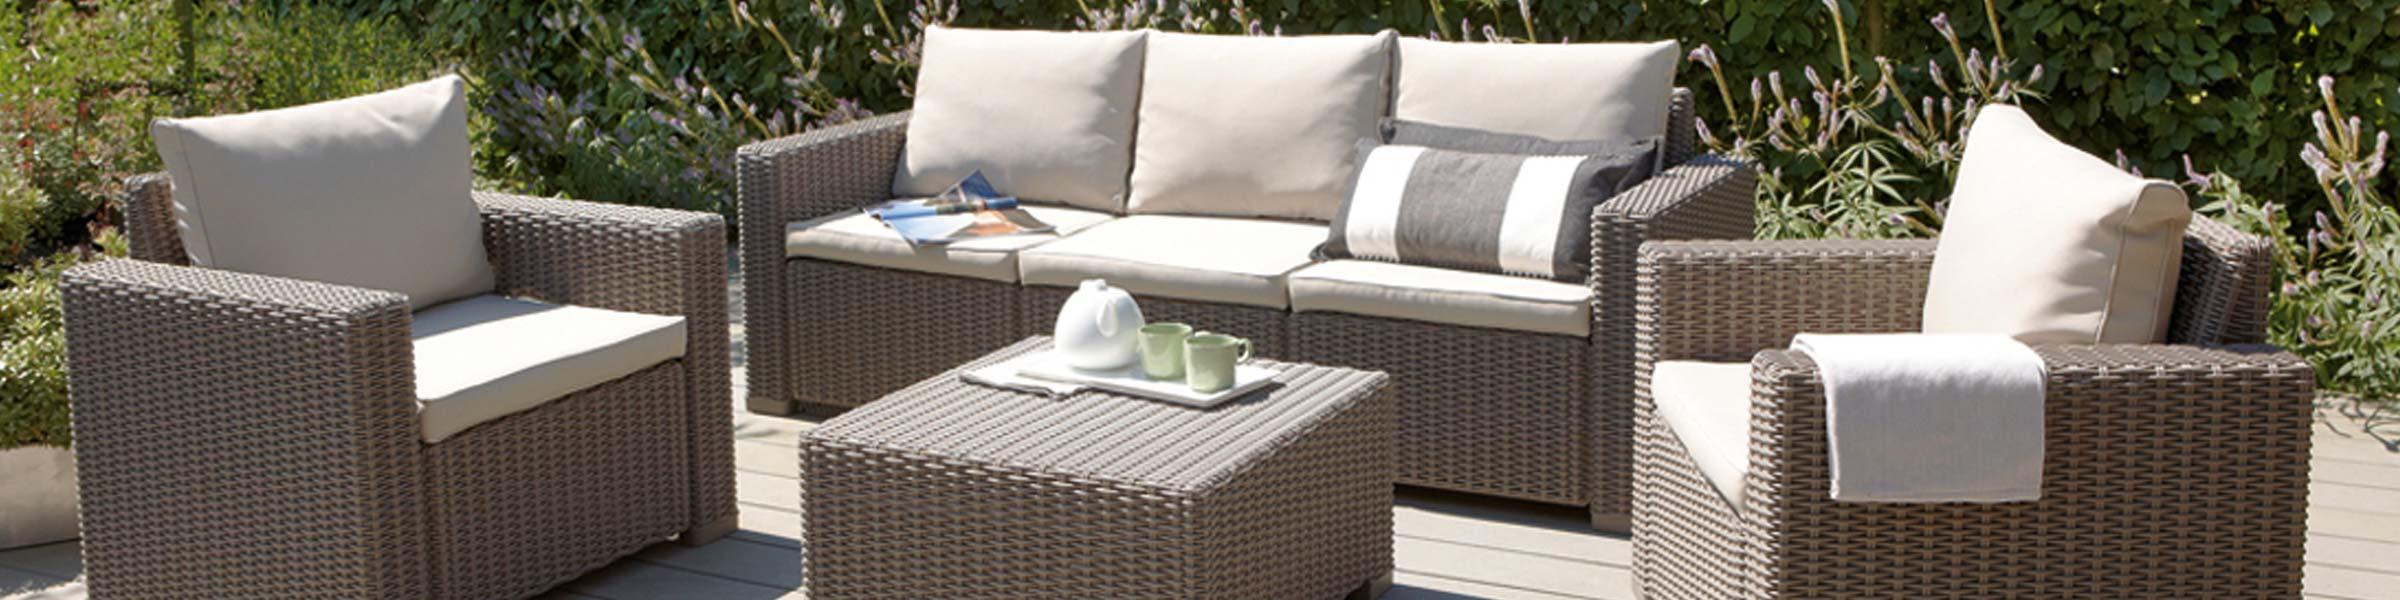 Gartenmobel Im Exklusiven Design Online Kaufen Dehner